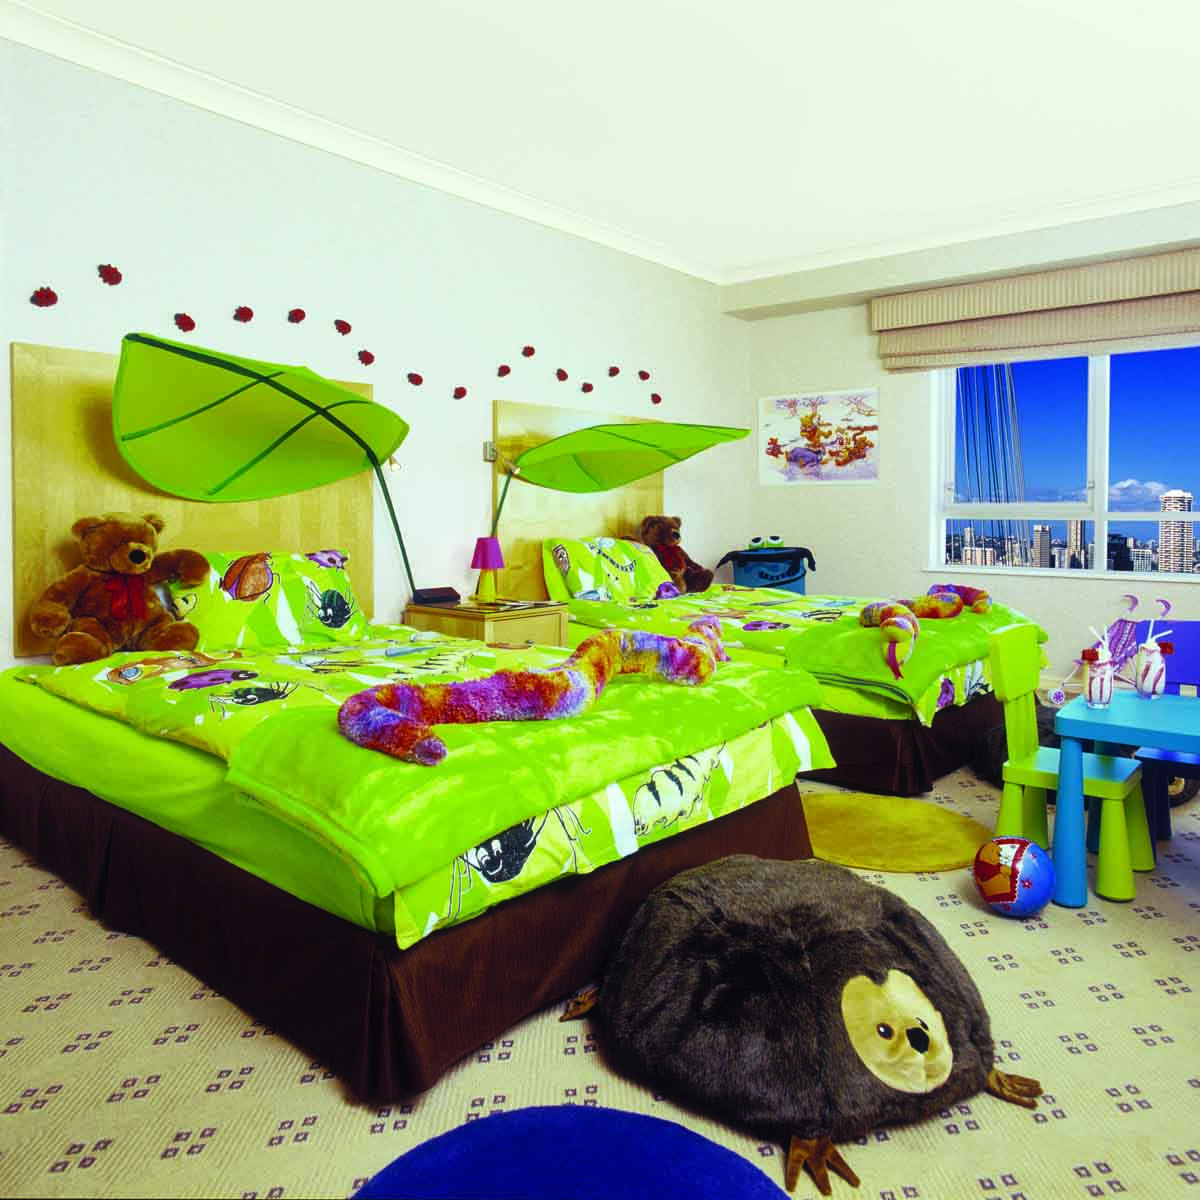 Приклад дитячої кімнати в якій немає